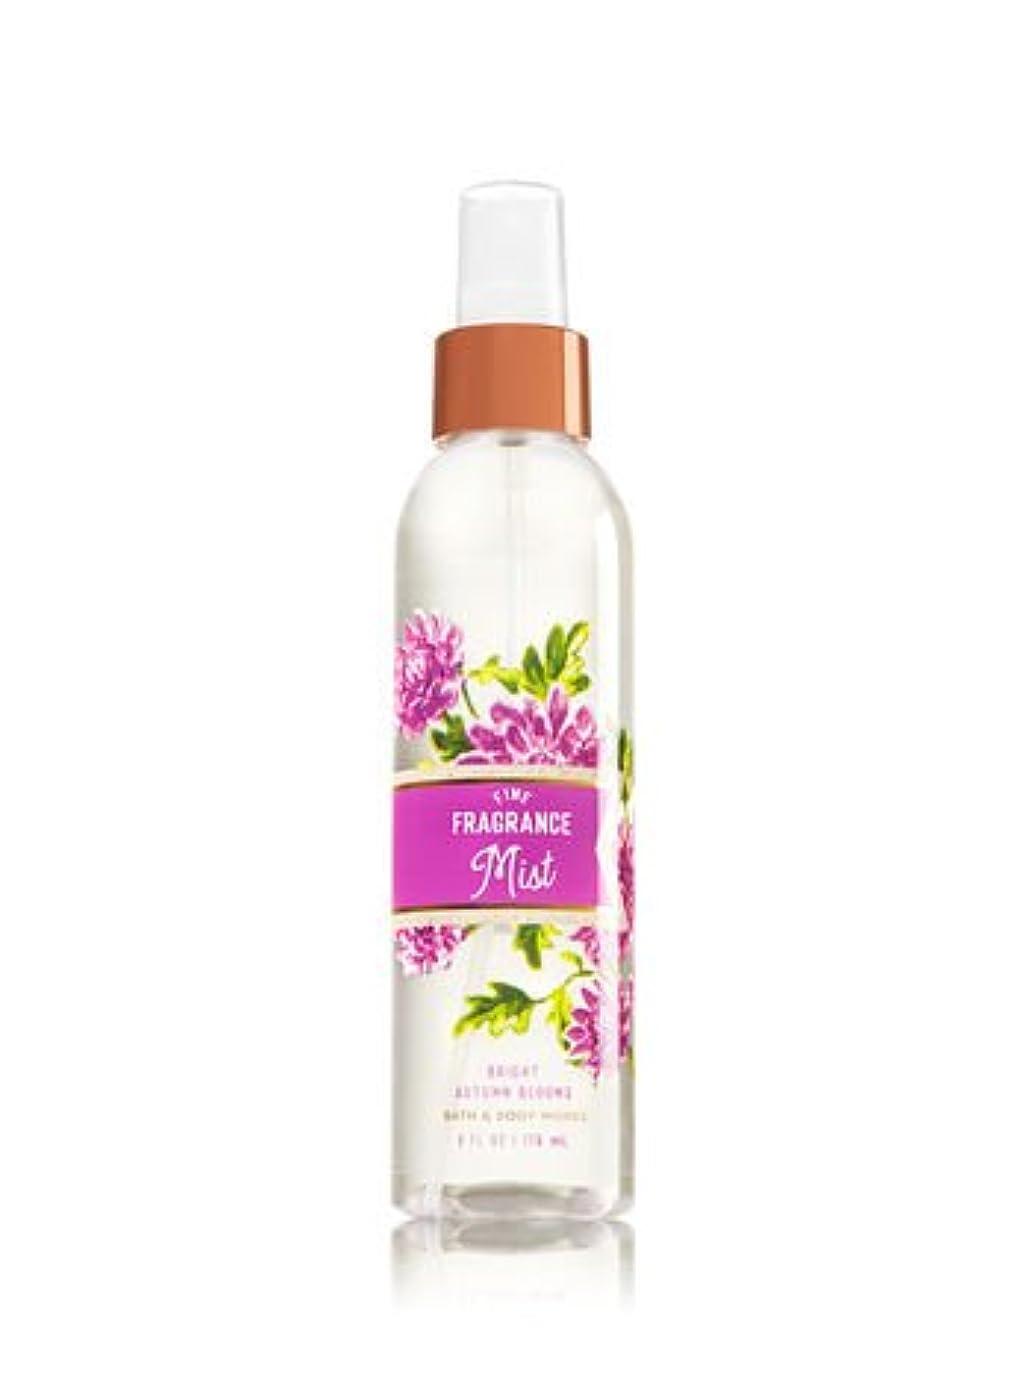 クリップ先入観飢えた【Bath&Body Works/バス&ボディワークス】 ファインフレグランスミスト ブライトオータムブルーム Fine Fragrance Mist Bright Autumn Blooms 6oz (176ml) [並行輸入品]